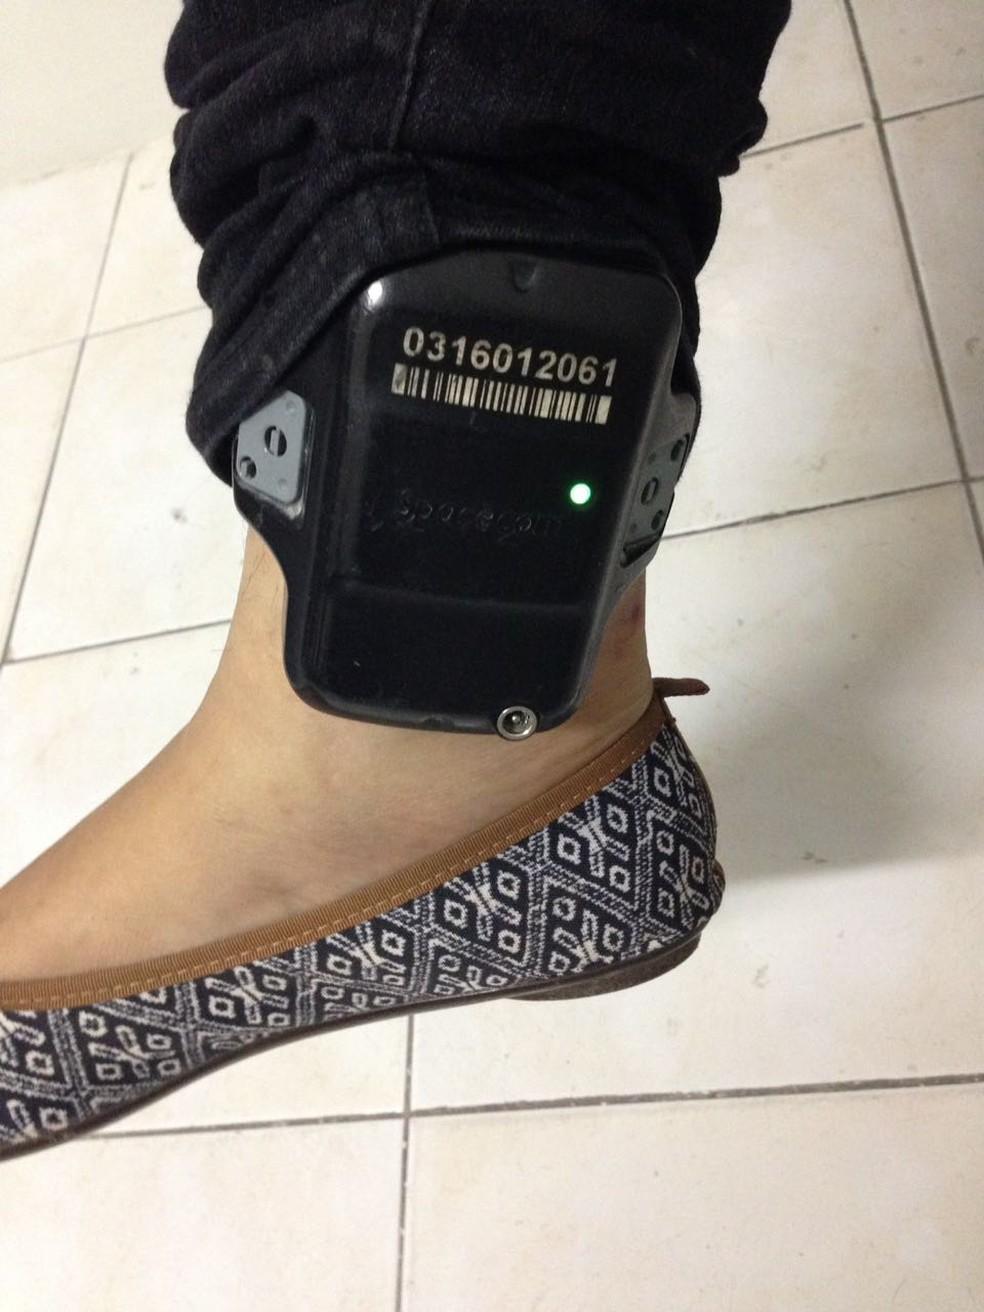 Mulher foi pres ao aplicar golpe usando tornozeleira (Foto: ReproduçãoTV Globo)